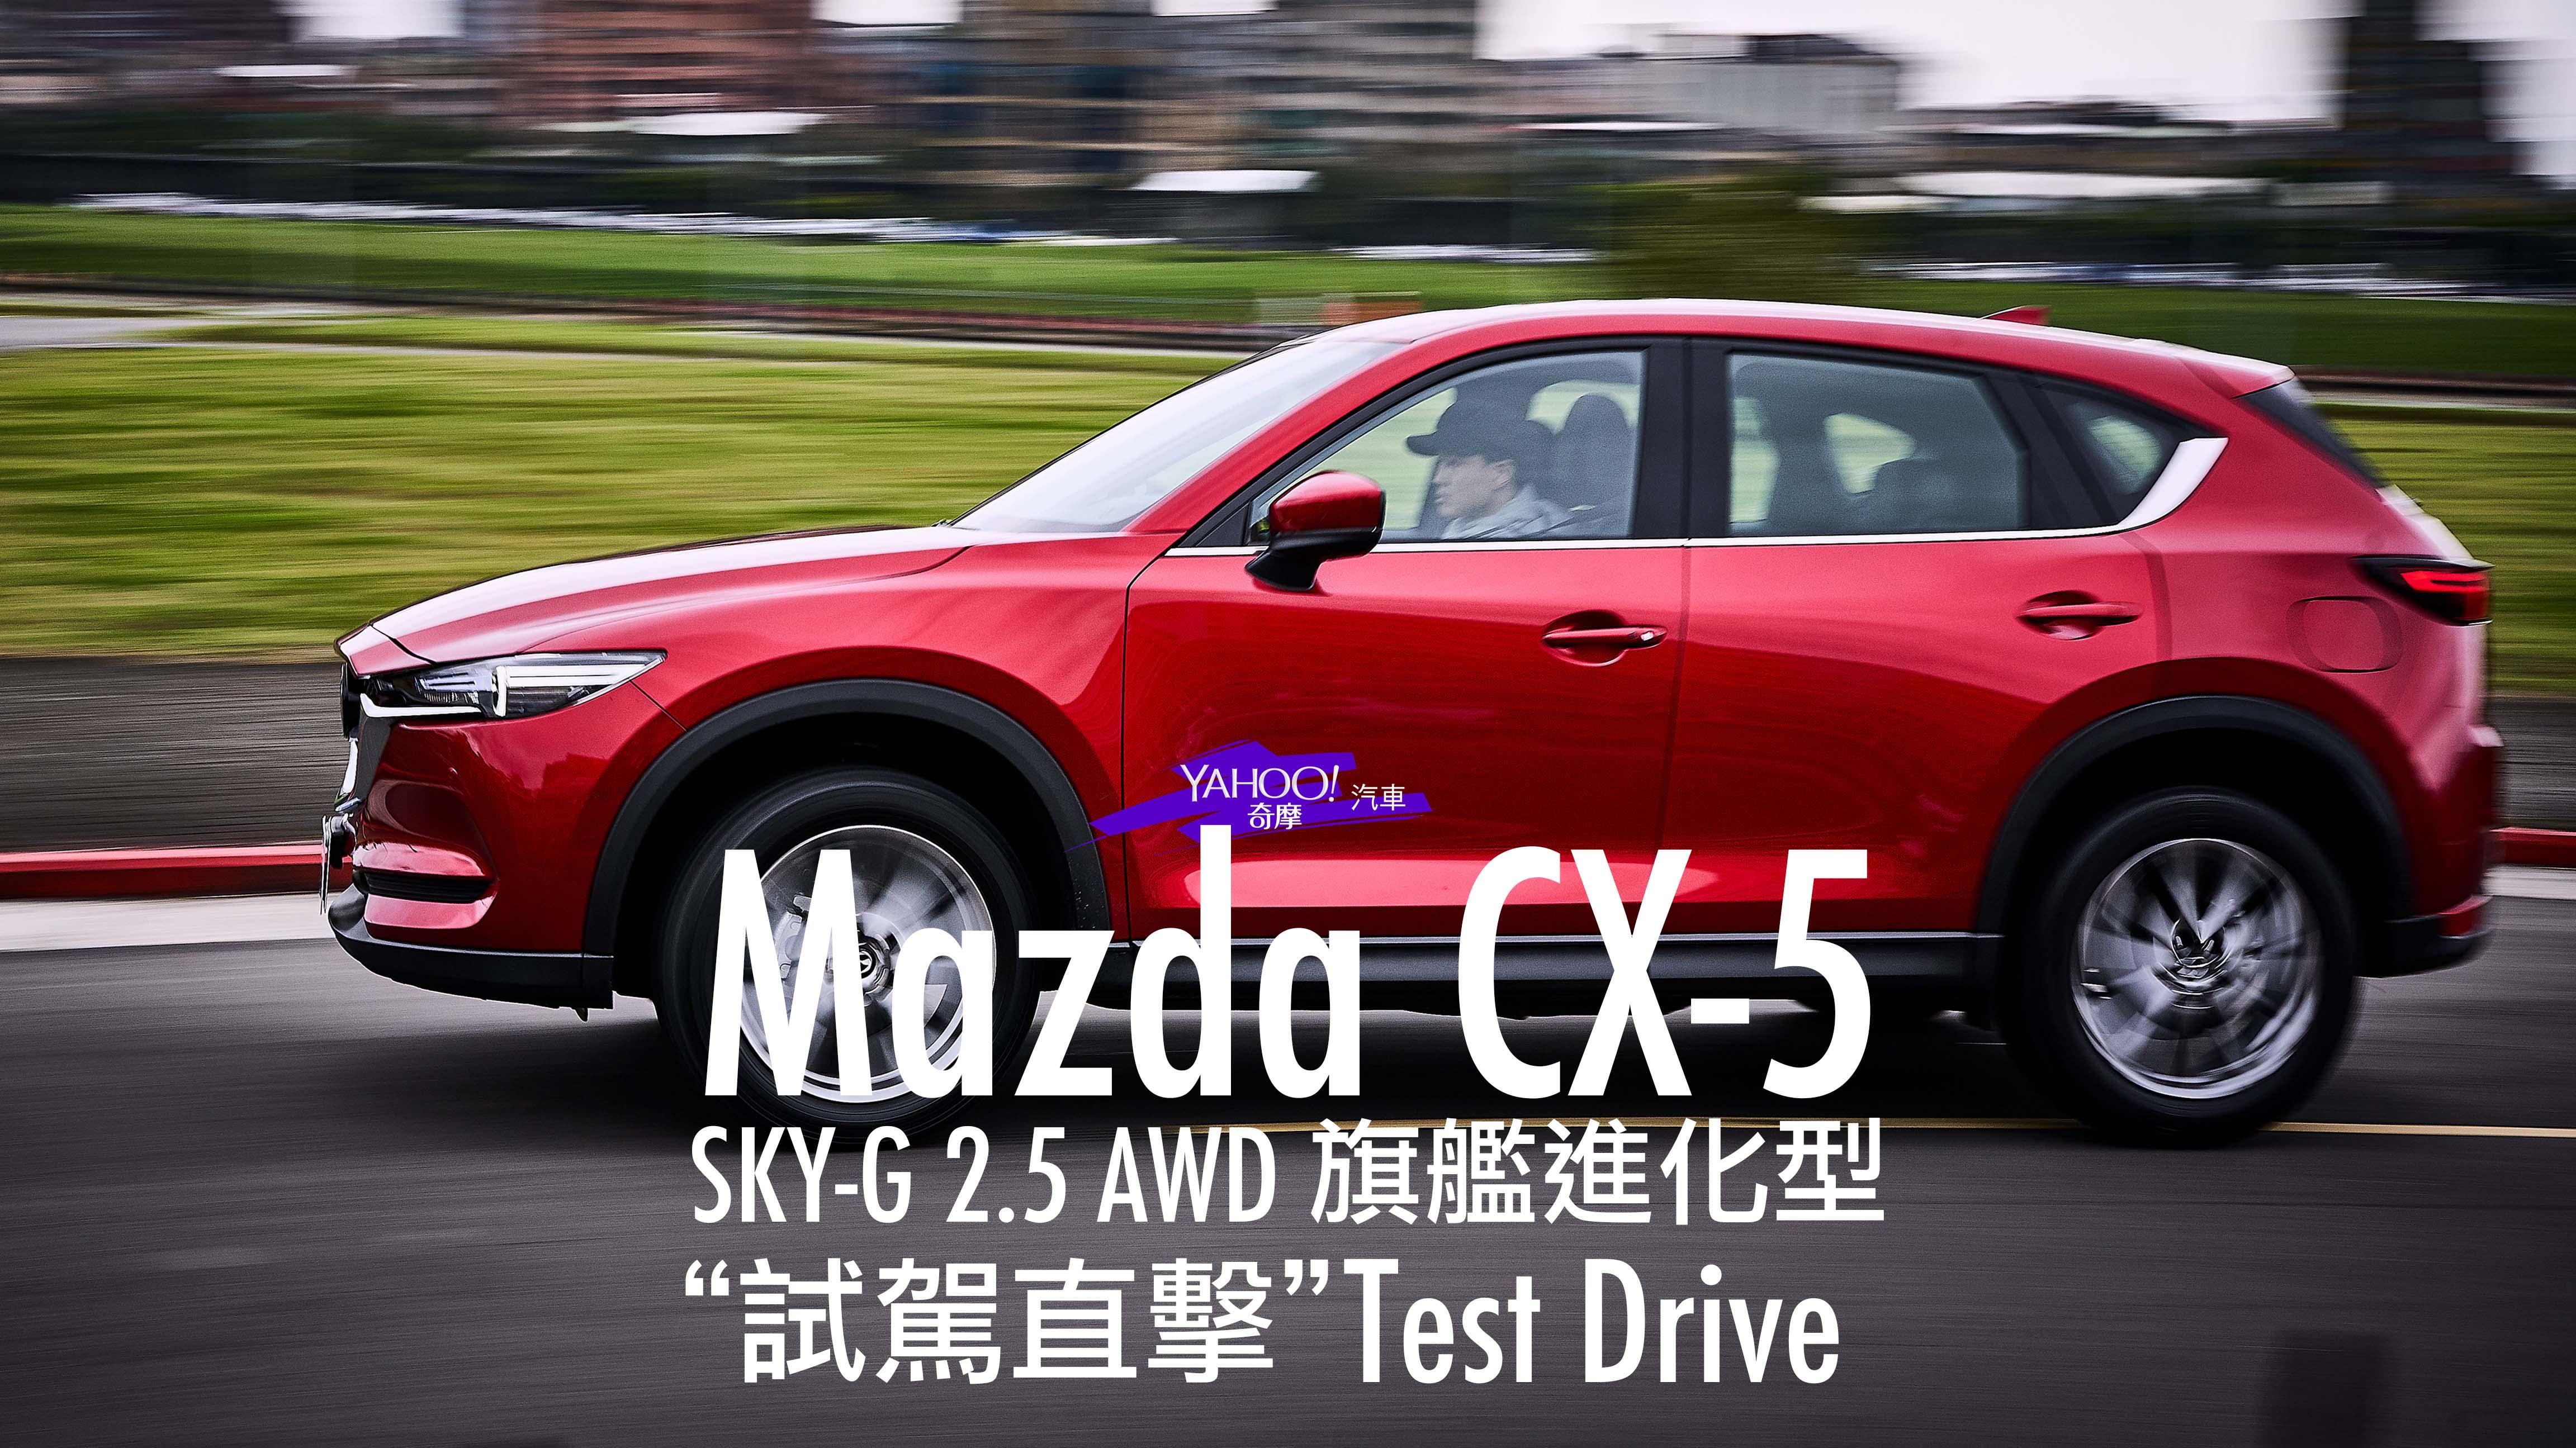 【試駕直擊】無法隱藏鋒芒的有感升級!2019 Mazda CX-5 SKY-G 2.5 AWD旗艦進化型試駕